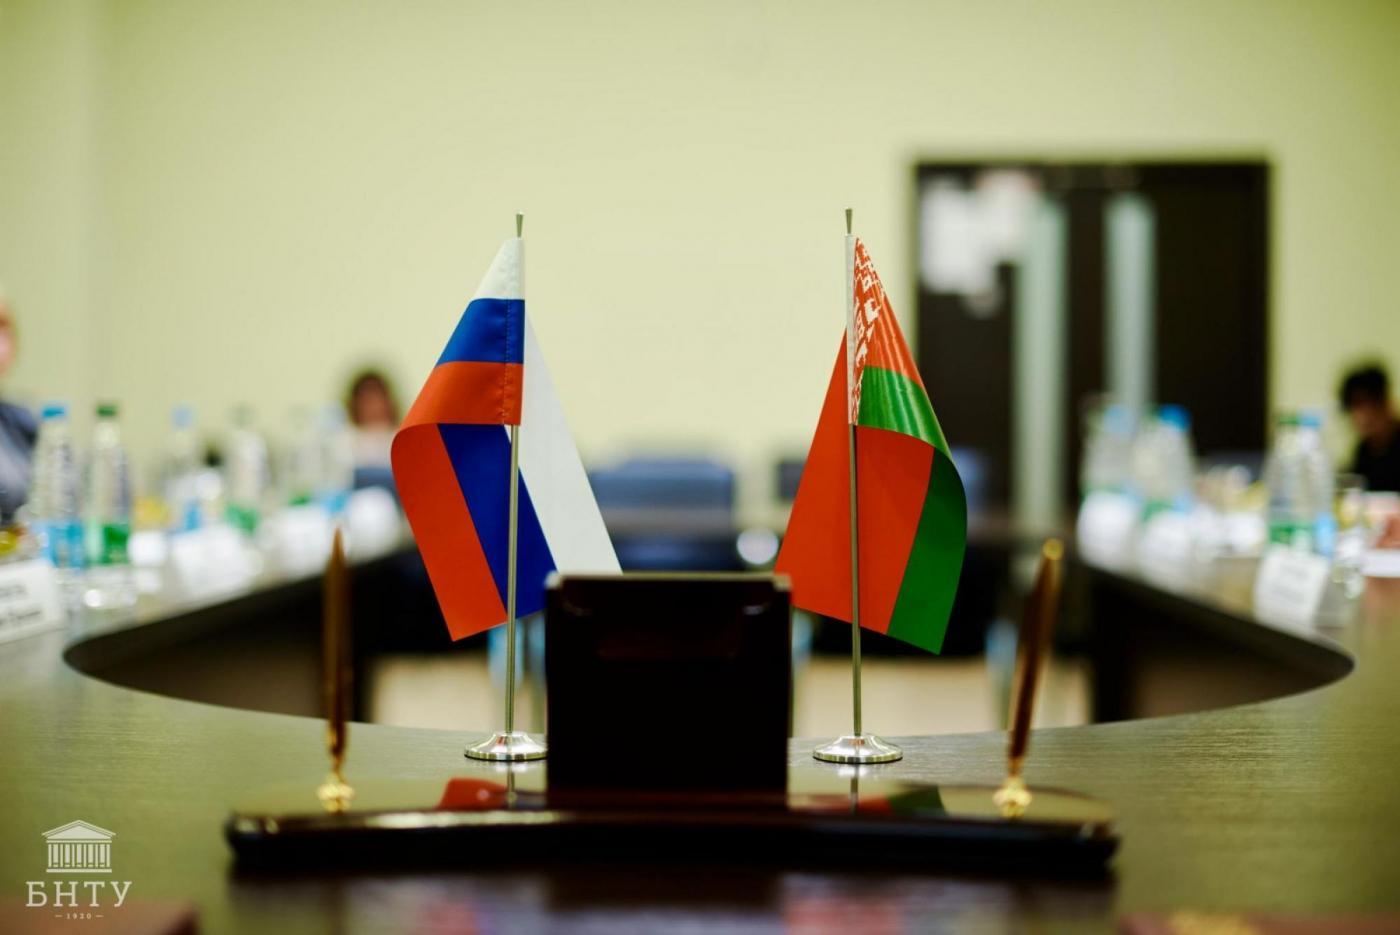 БНТУ объявляет о сотрудничестве с МГТУ им. Г. И. Носова